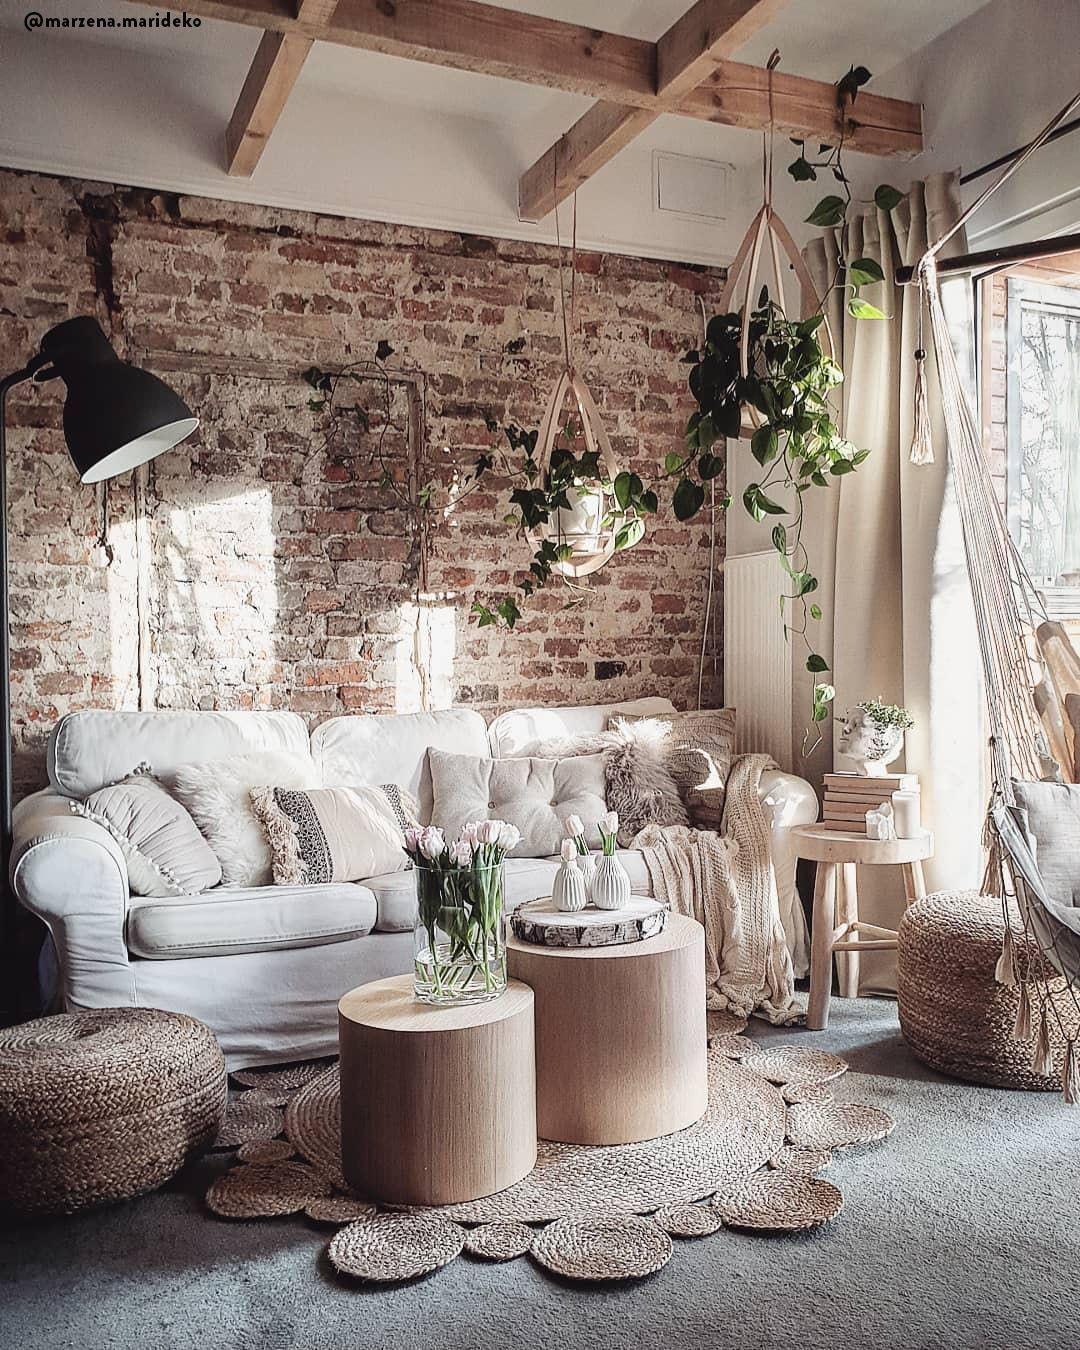 Un salotto country cozy 💕 Il centro del salotto è costituito ...